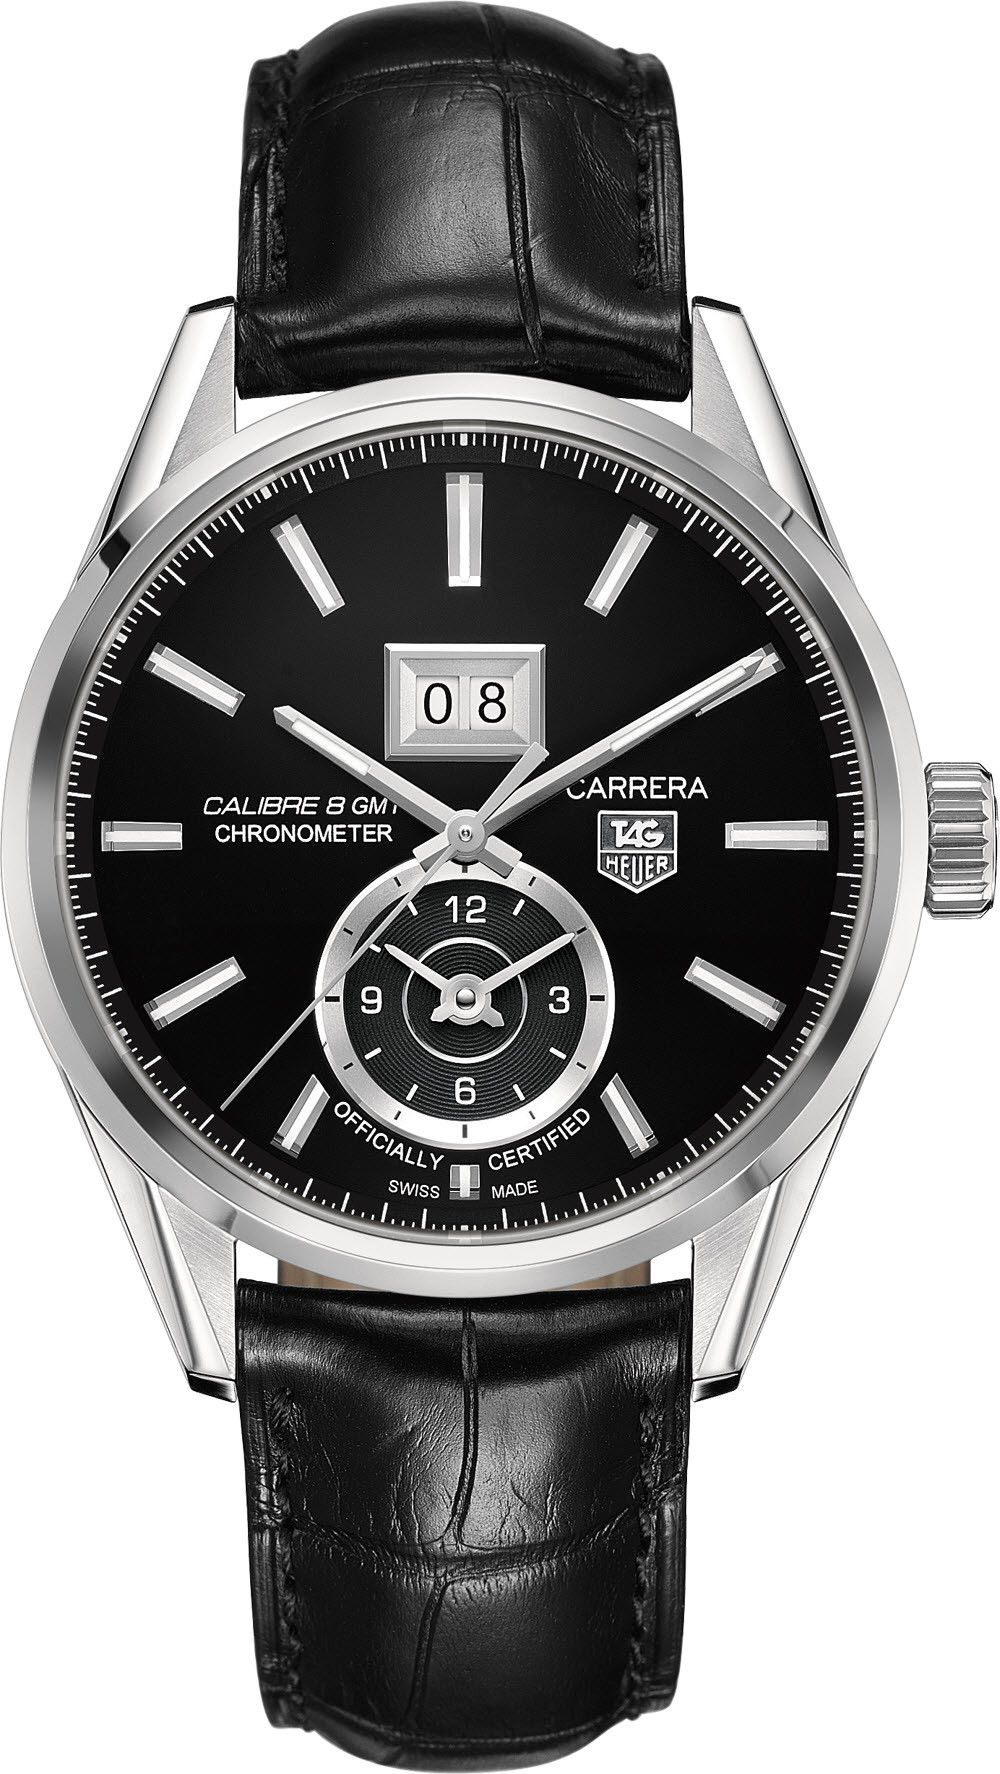 TAG Heuer Watch Carrera Grande Date GMT Calibre 8